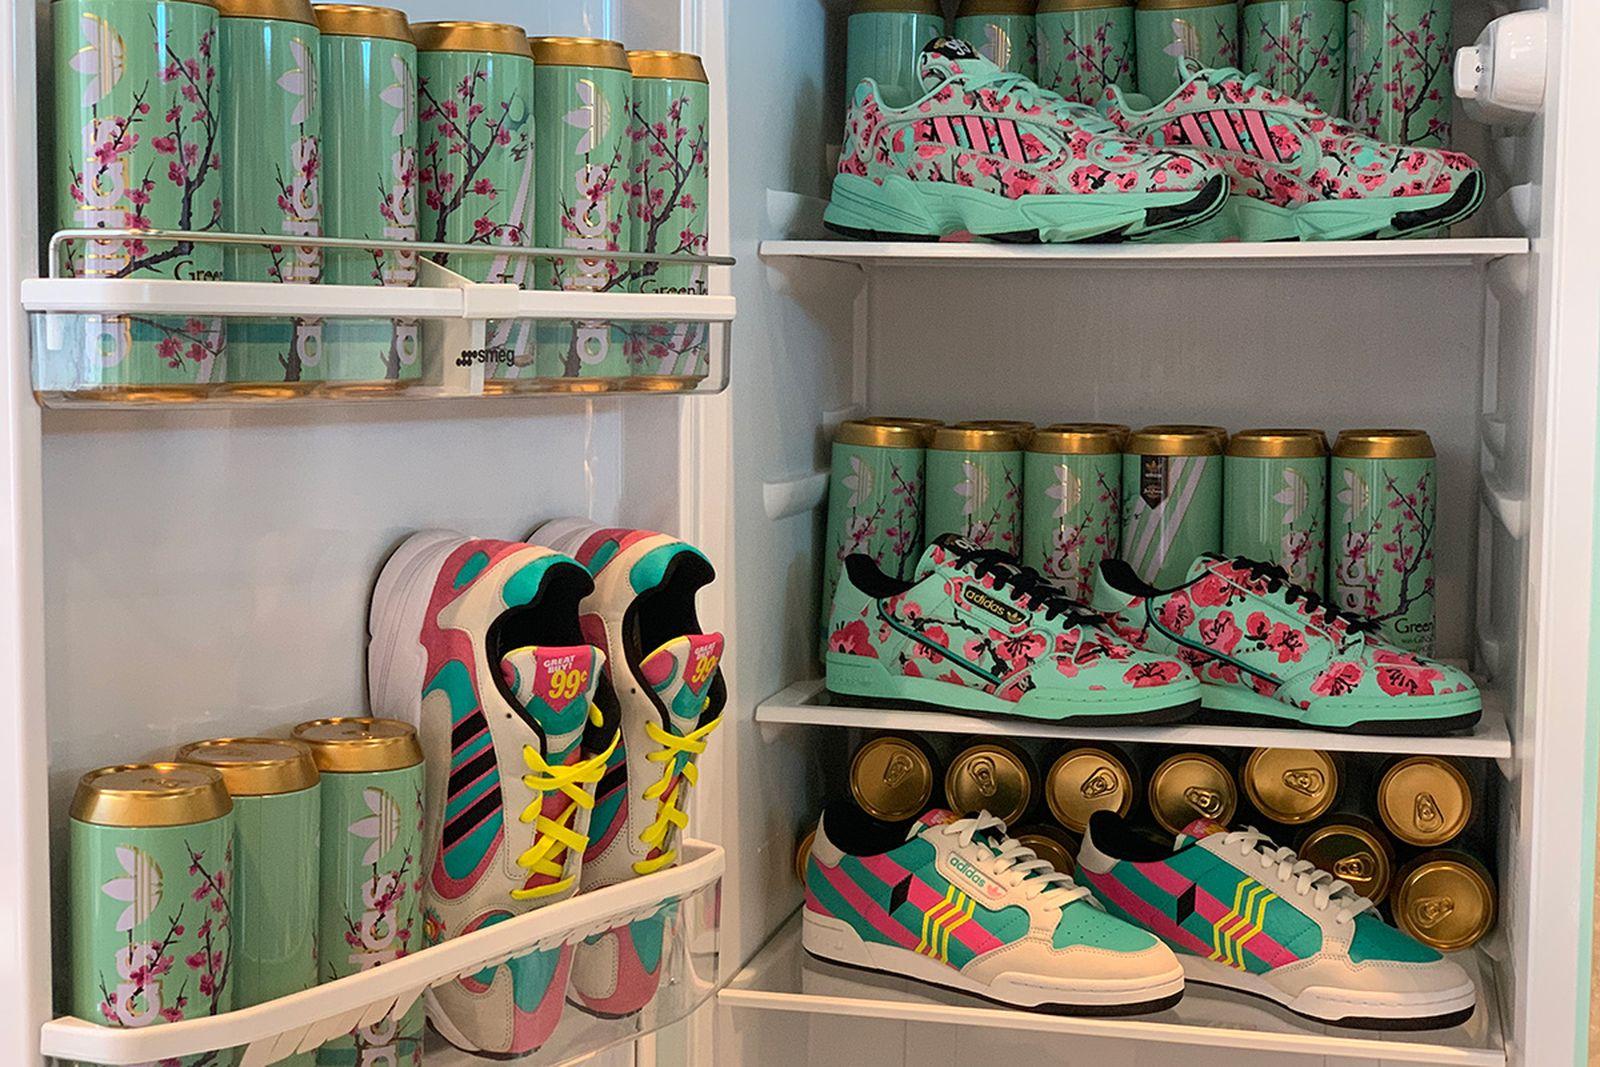 arizona iced tea x adidas originals release date price